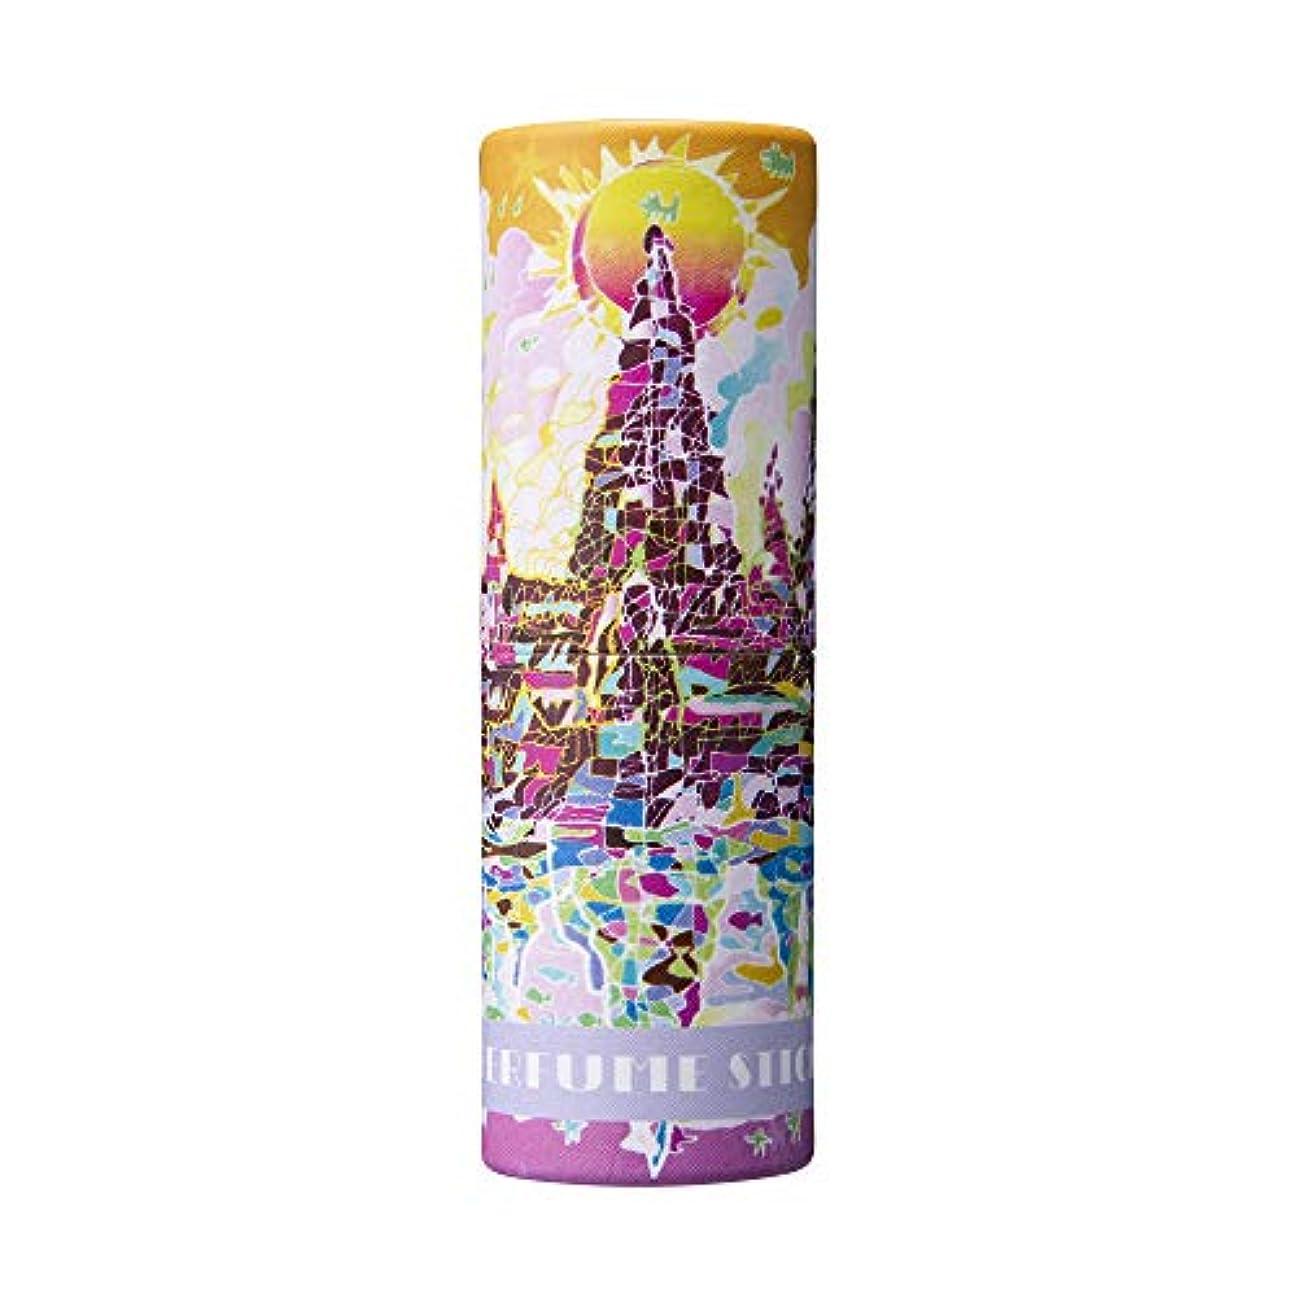 取り消すシュート派手パフュームスティック ドリーム ペア&ピーチの香り 世界遺産デザイン 5g